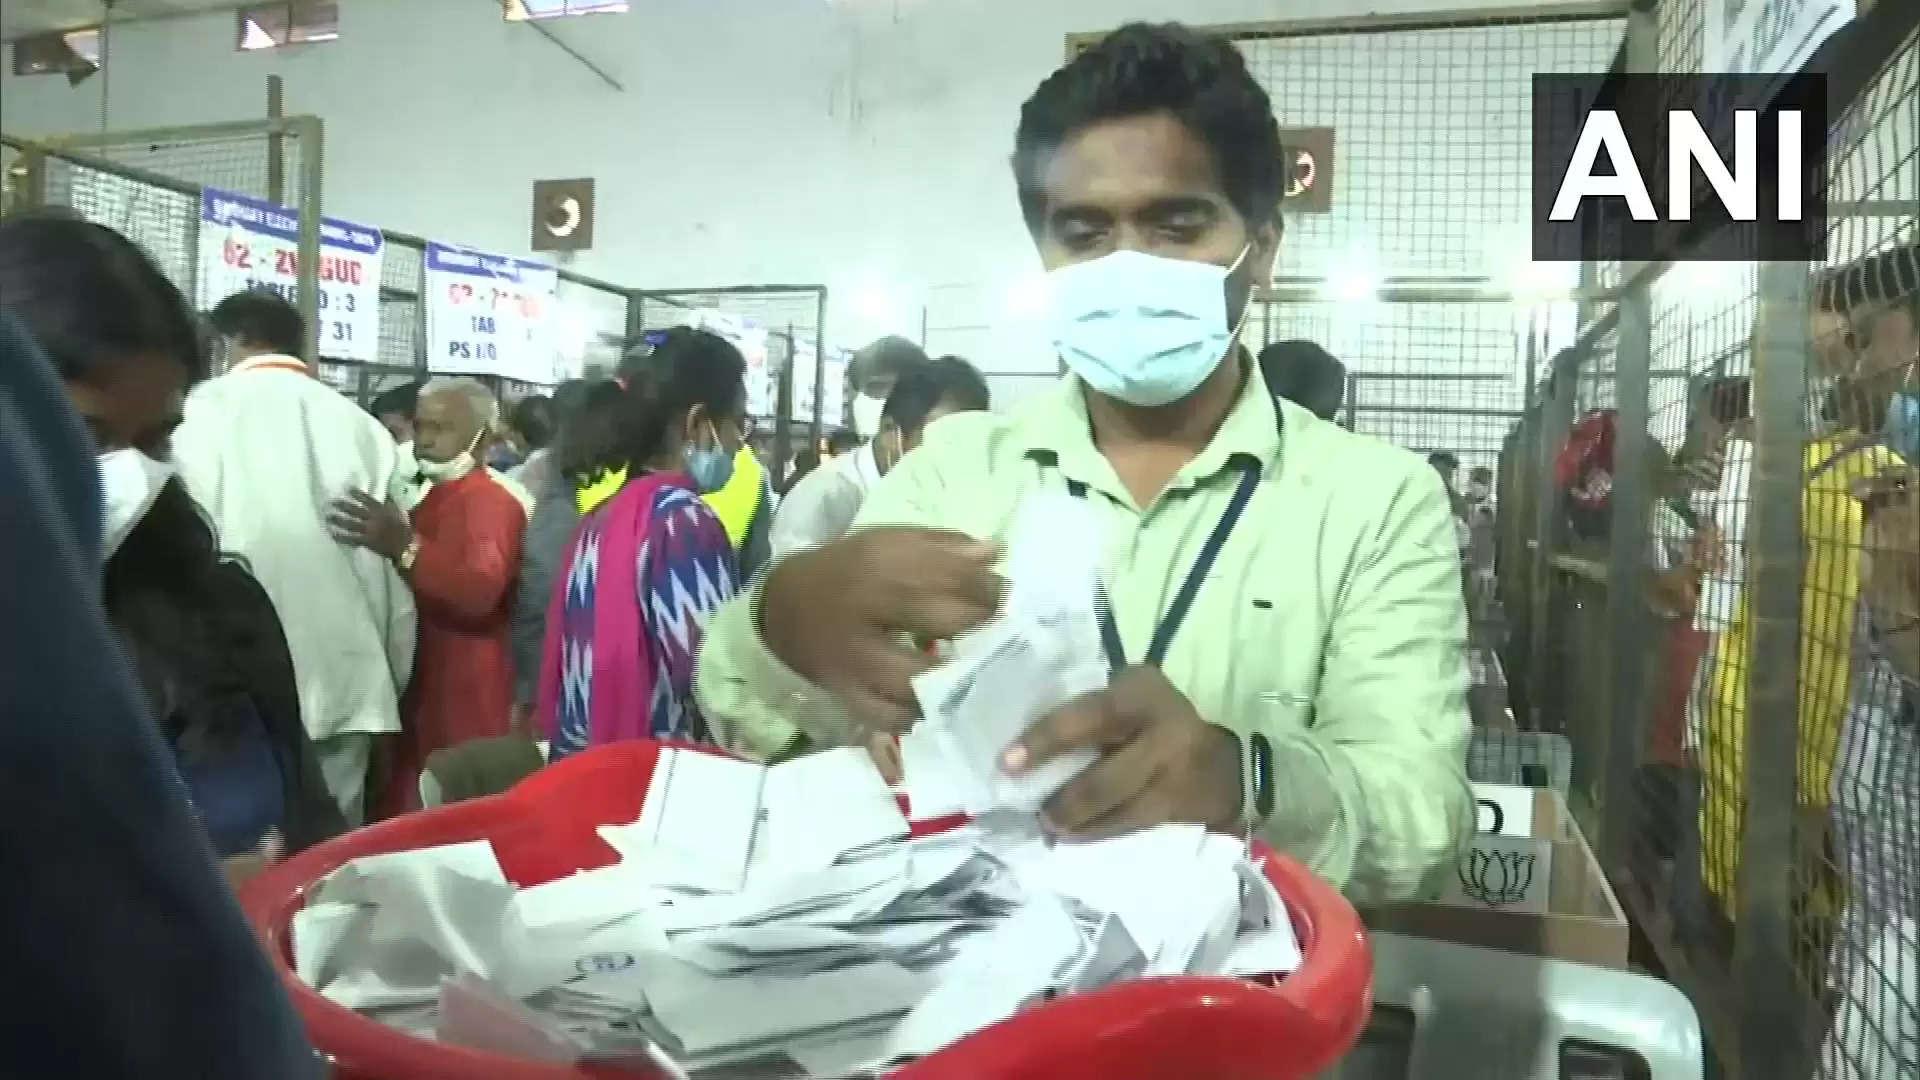 ஹைதராபாத் மாநகராட்சி தேர்தல் : ஆளும் கட்சியை பின்னுக்கு தள்ளிய பாஜக!